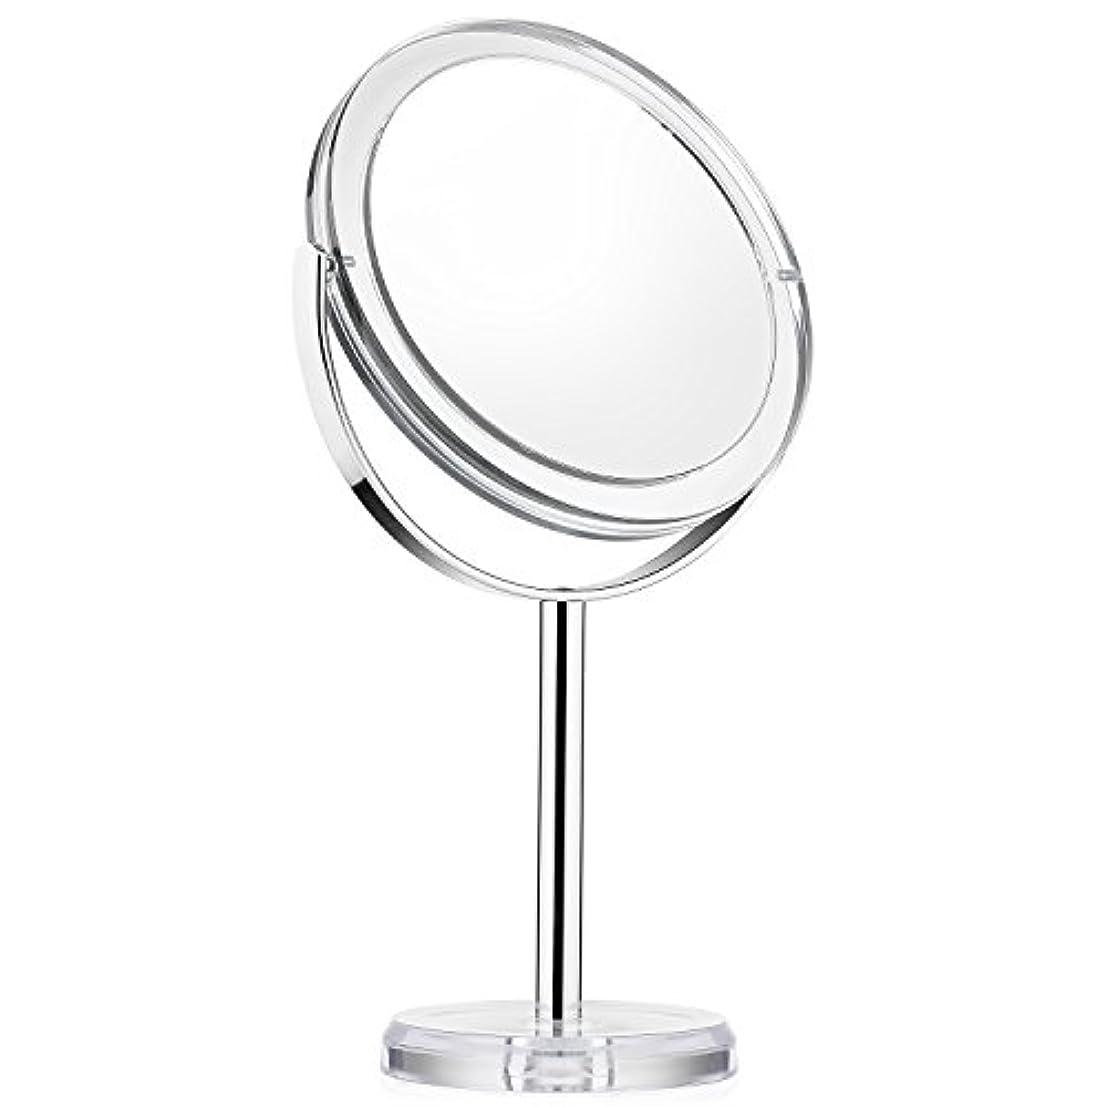 離れてミッションに渡って化粧ミラー Beautifive 鏡 卓上 化粧鏡 メイクミラー 卓上ミラー スタンドミラー卓上 等倍卓上両面鏡 卓上鏡 7倍拡大スタンドミラー 360°回転可 光学レズン高解像度